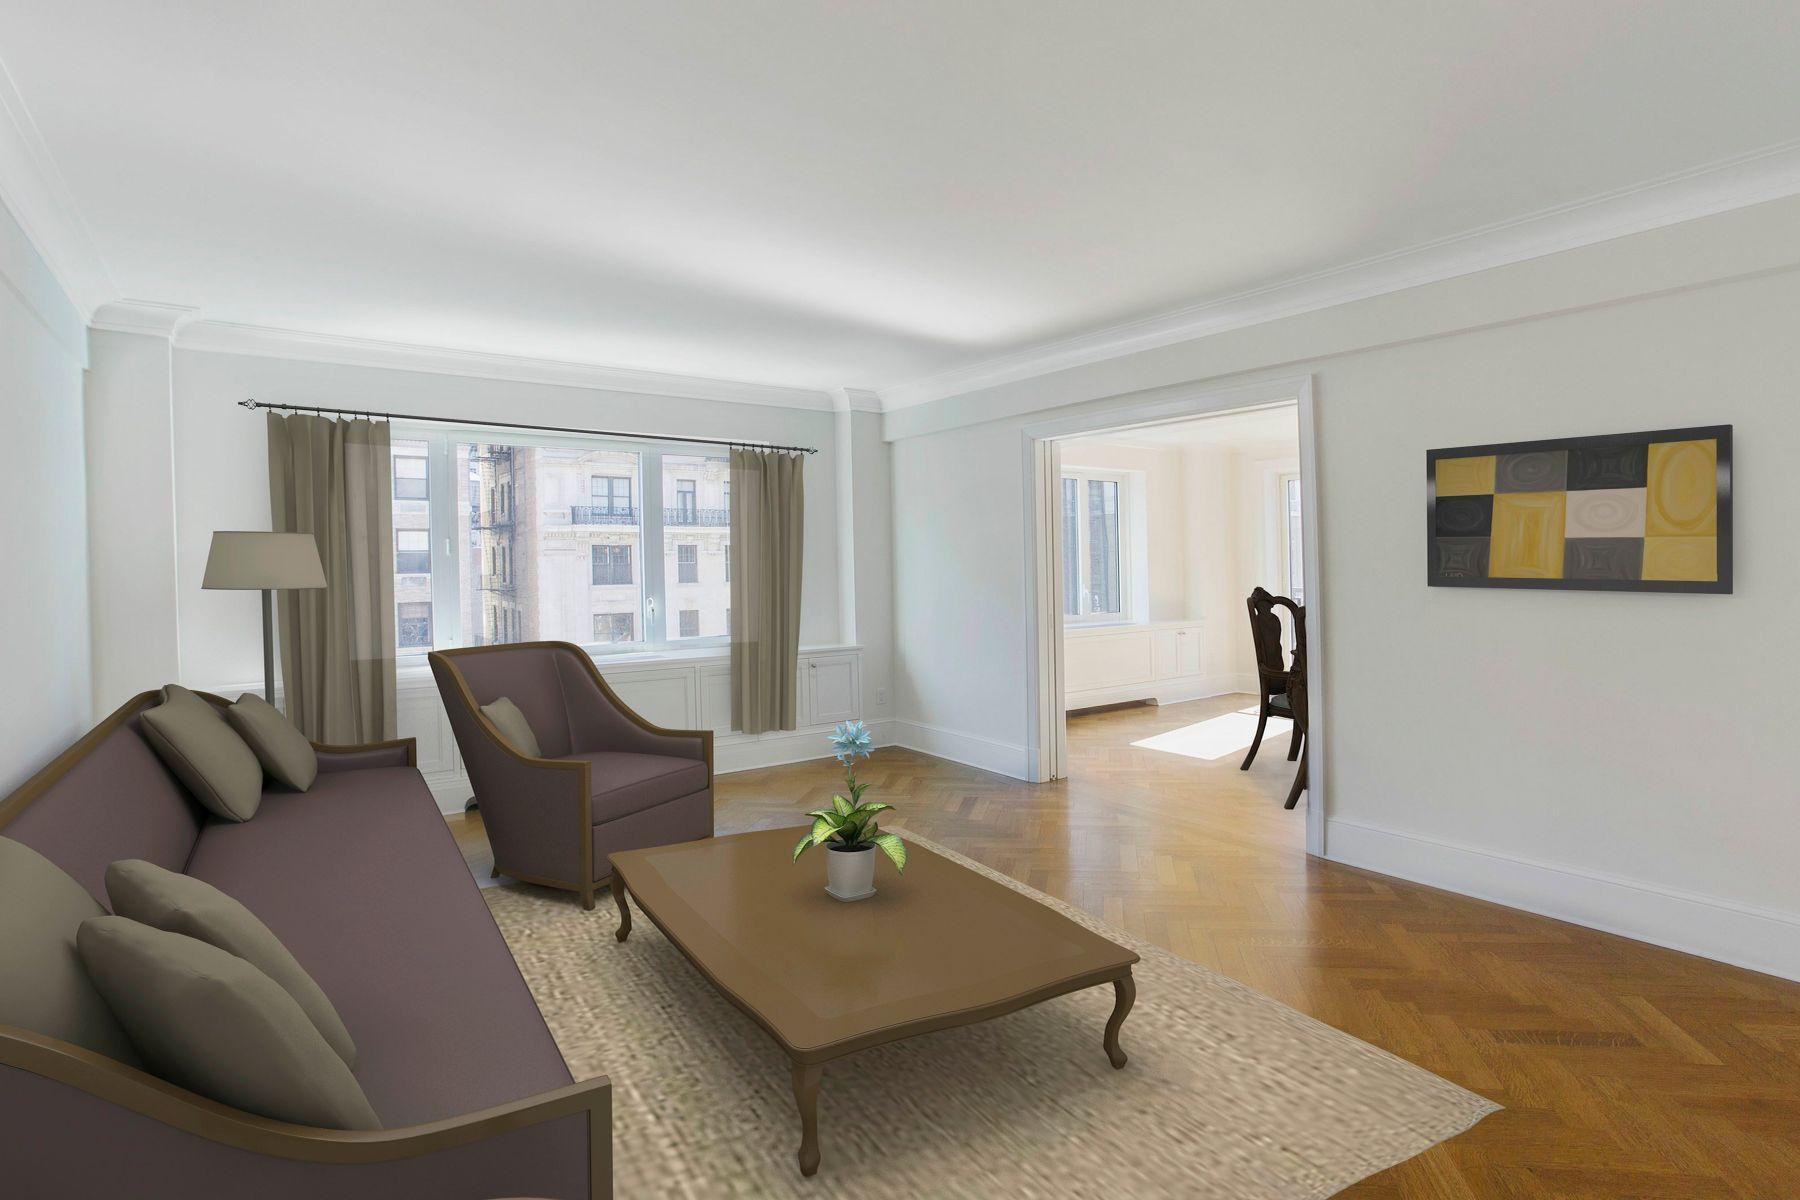 Кондоминиум для того Аренда на 530 Park Avenue, 12A 530 Park Avenue 12A, New York, Нью-Йорк 10065 Соединенные Штаты